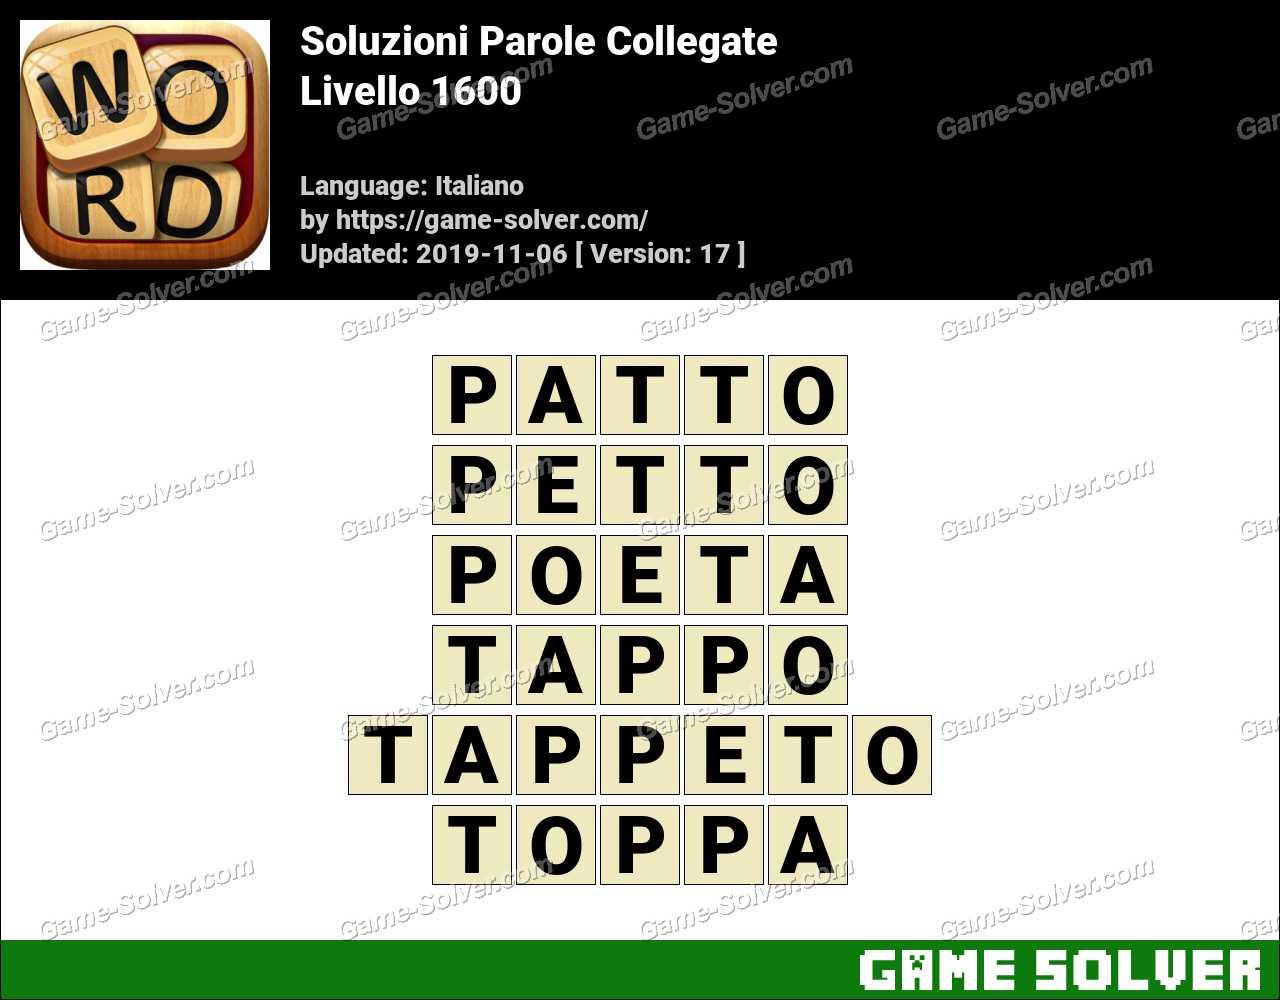 Soluzioni Parole Collegate Livello 1600